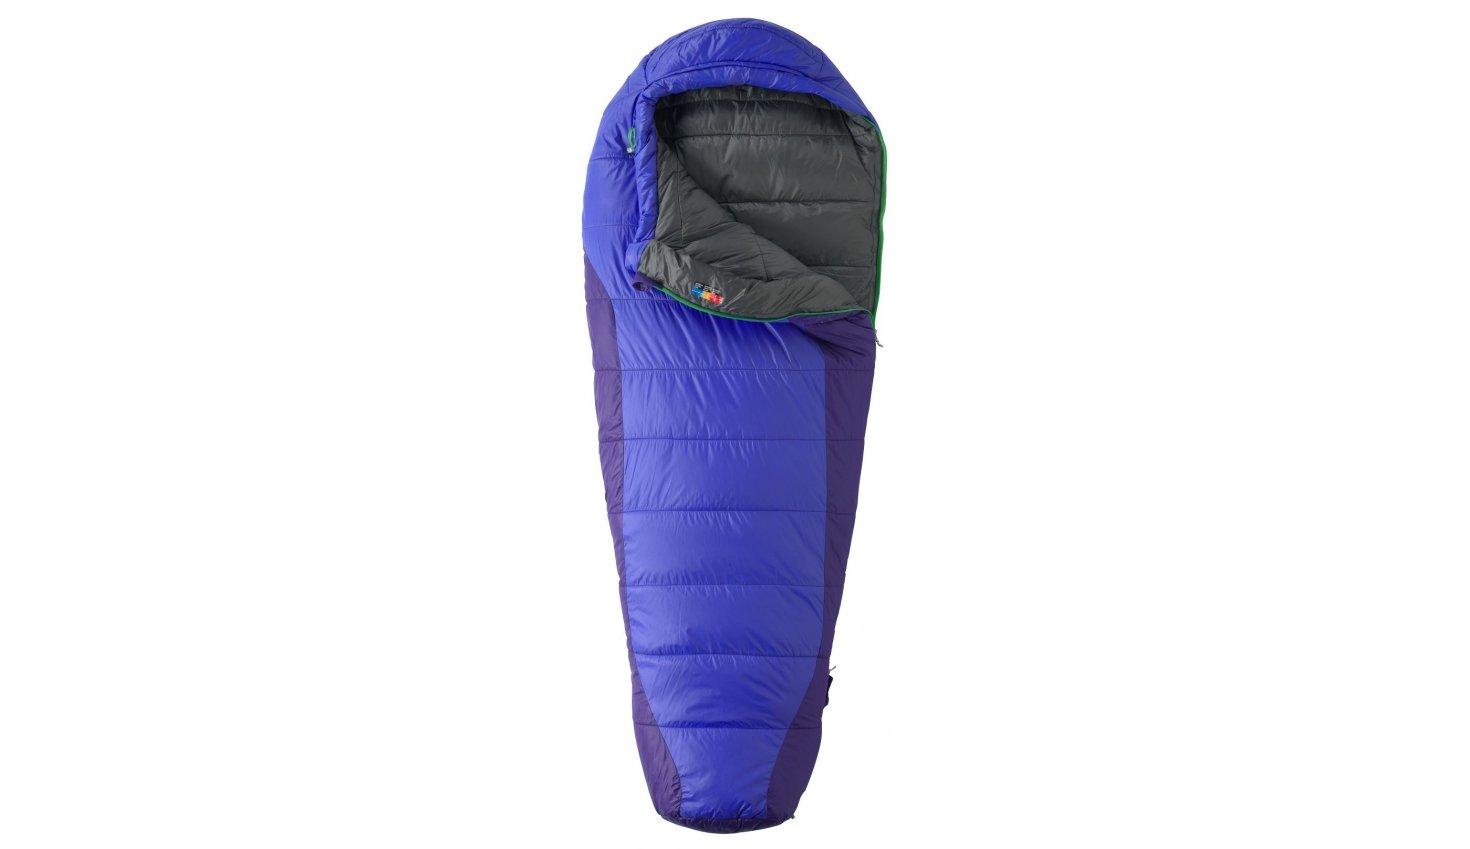 Marmot momia saco de dormir WS Sunset 20 Long: Amazon.es: Deportes y aire libre